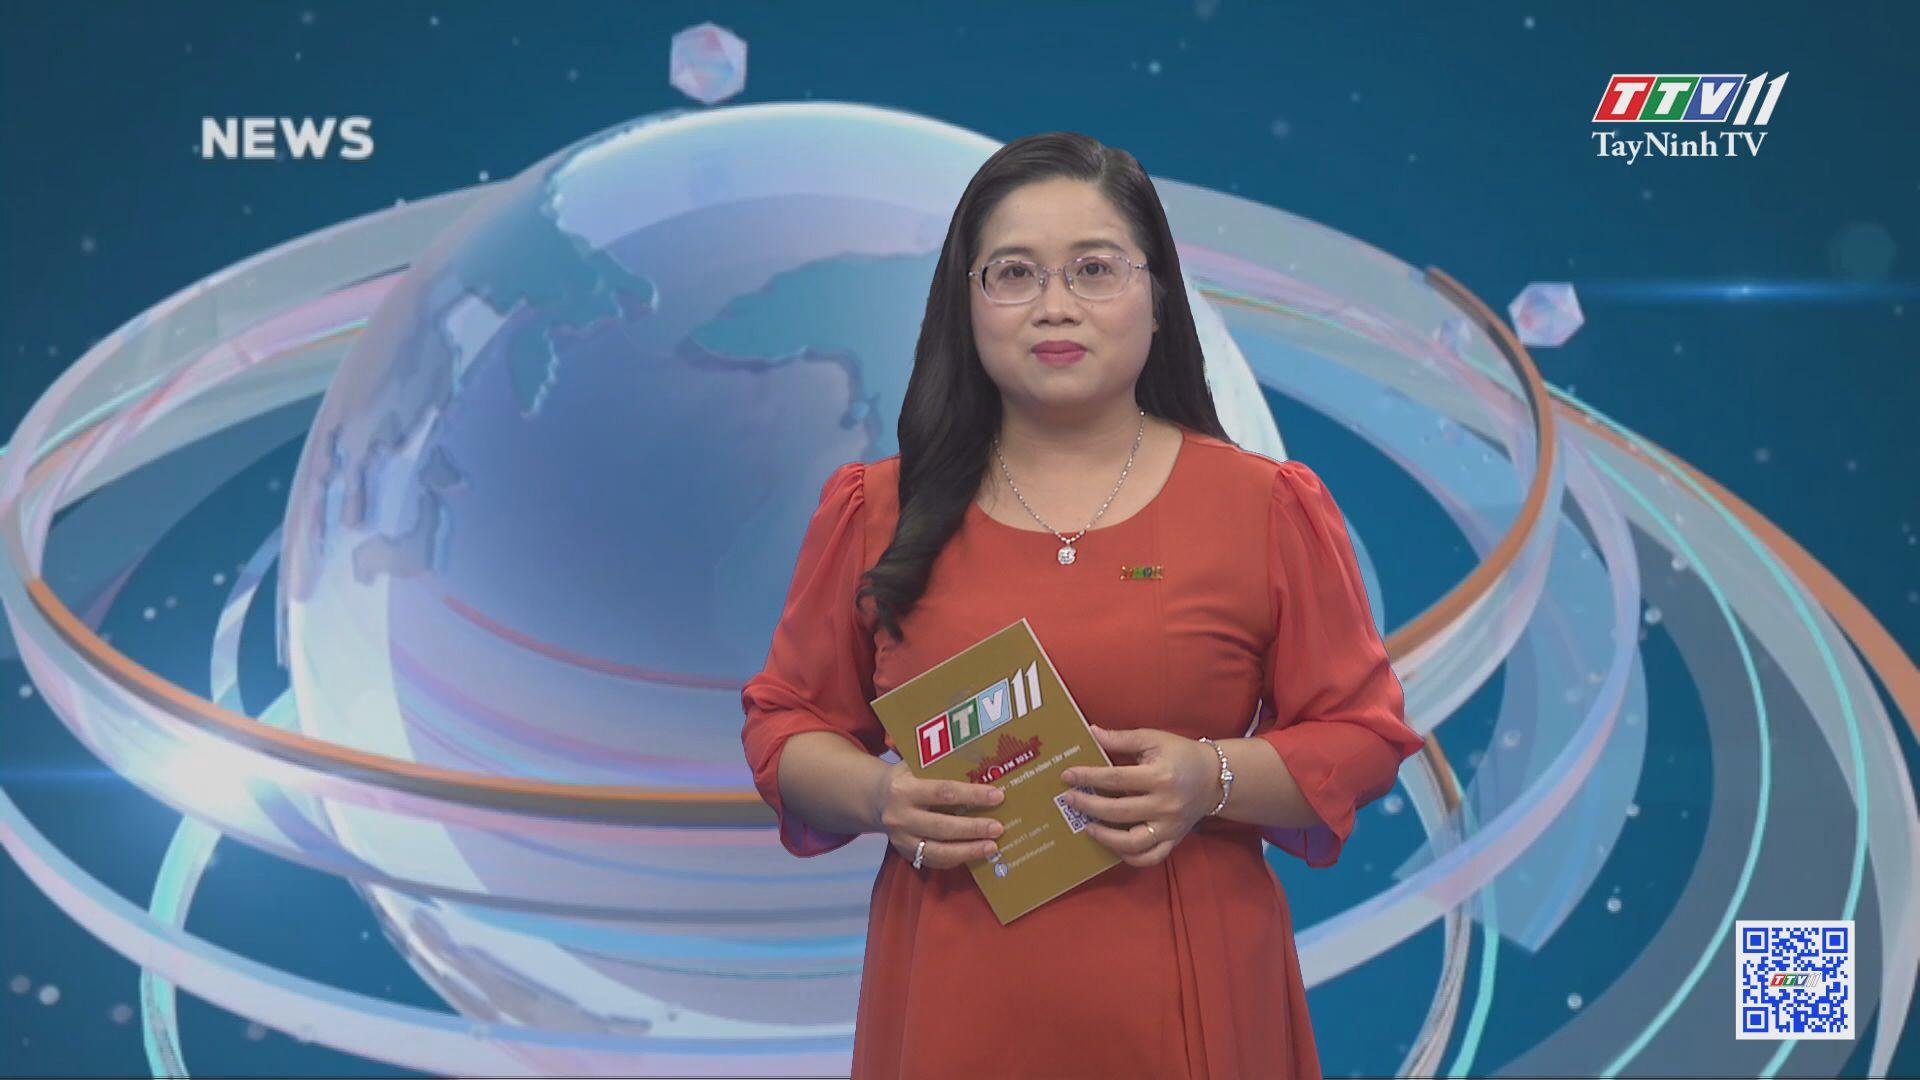 TTVNEWS 11-4-2021 | TayNinhTV Today